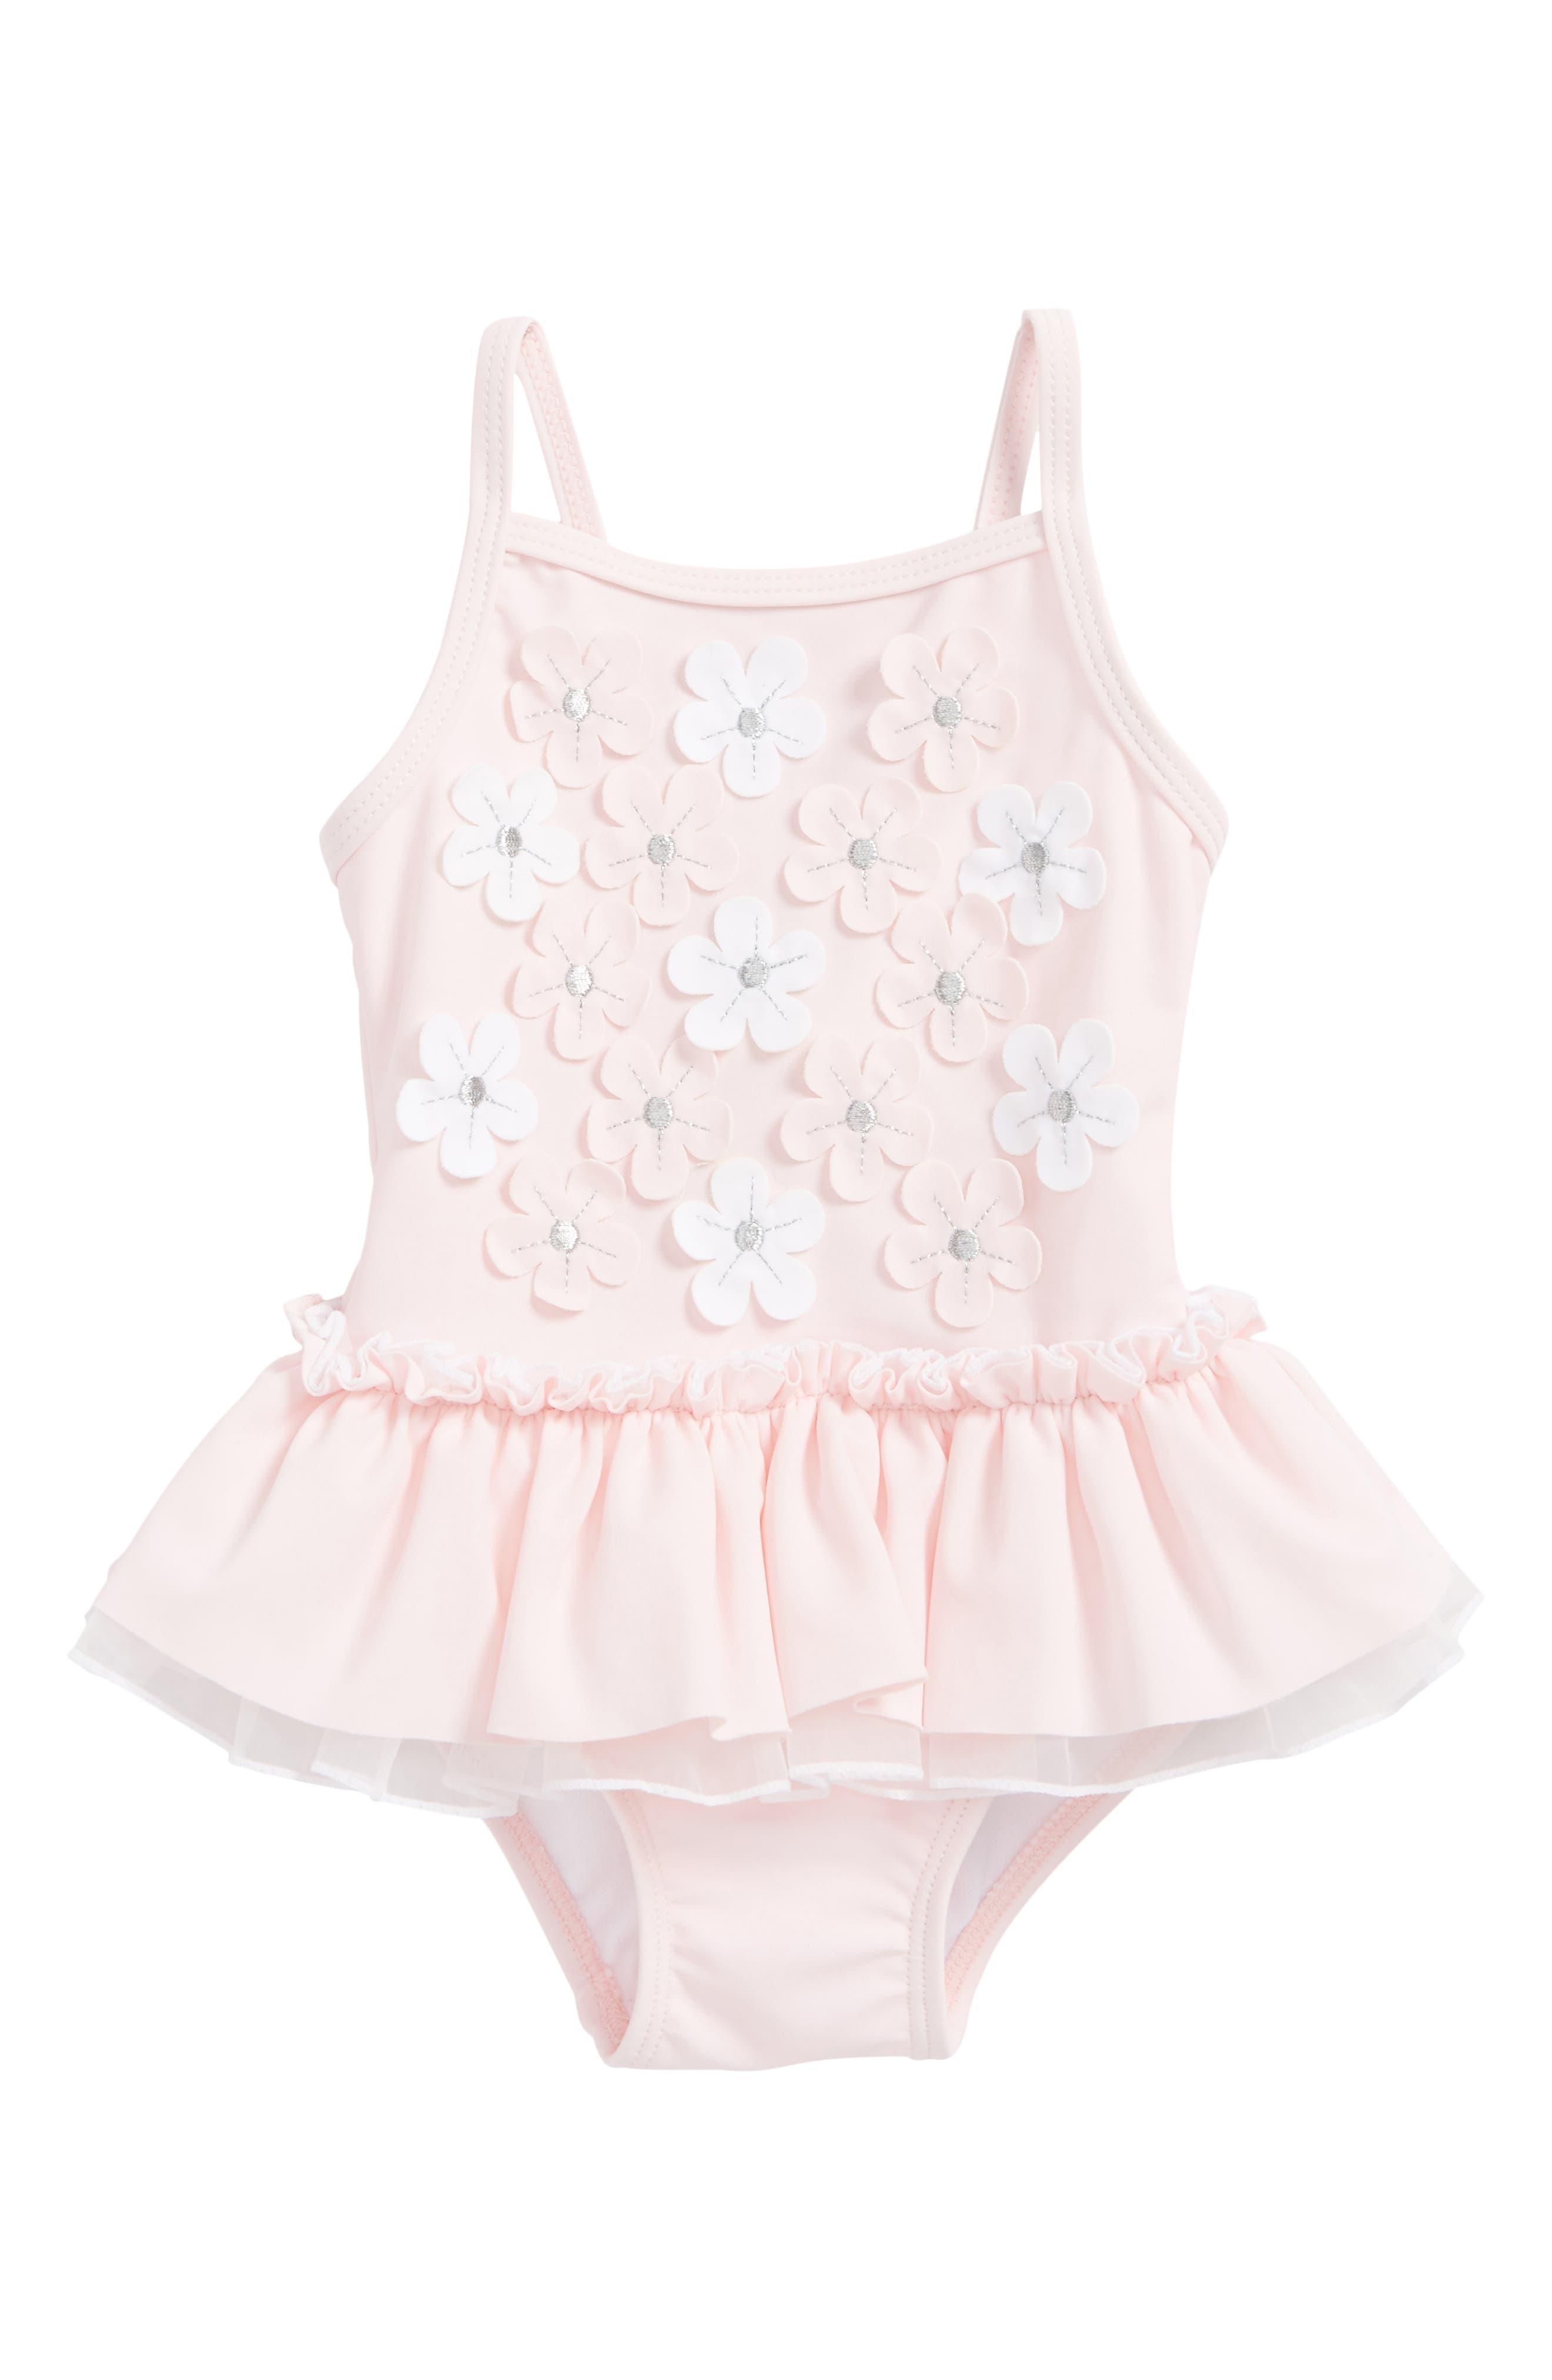 Floral Appliqué One-Piece Swimsuit,                             Main thumbnail 1, color,                             Pink